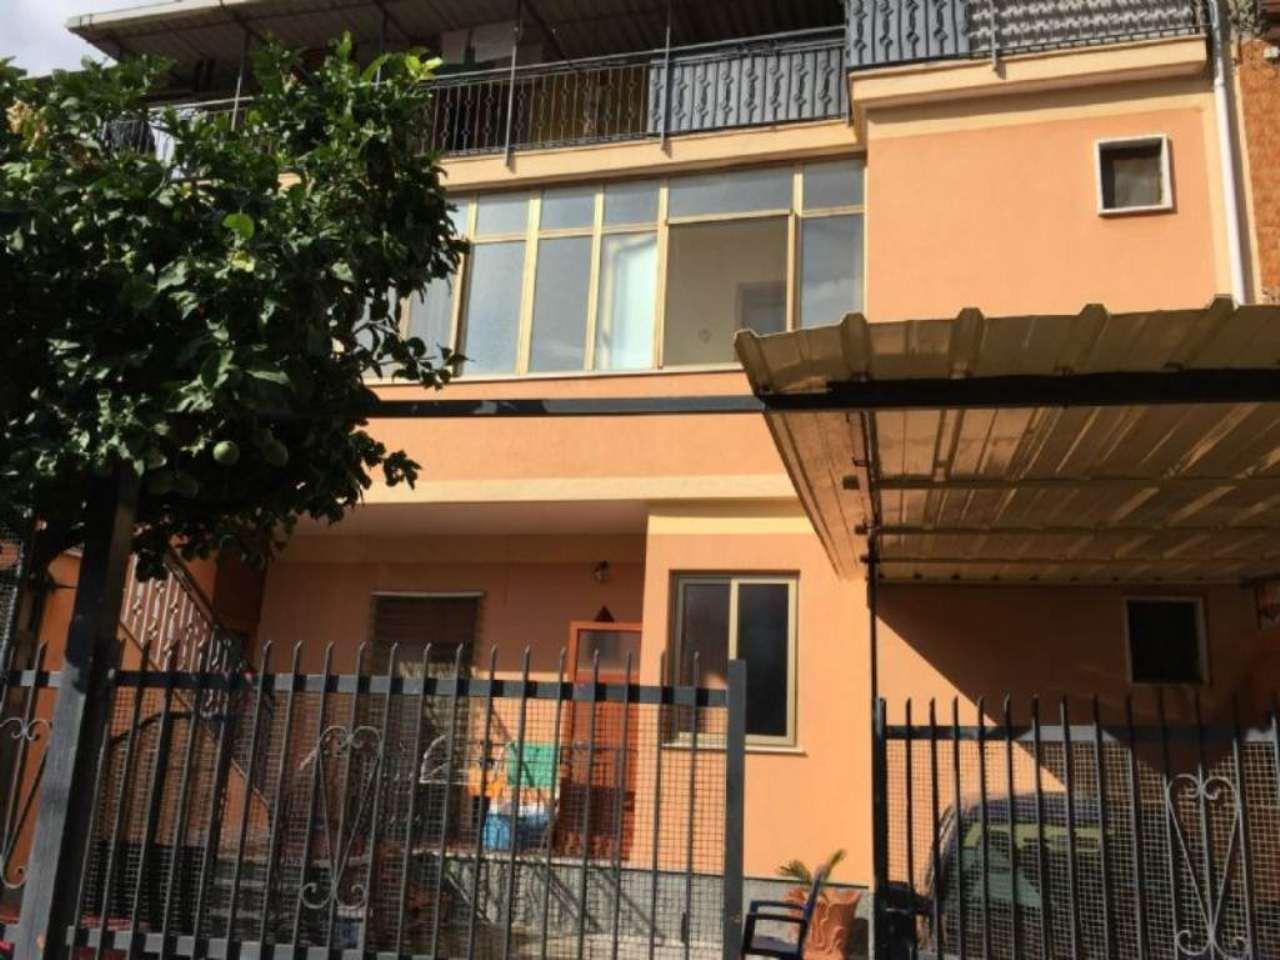 Soluzione Indipendente in affitto a Marcianise, 3 locali, prezzo € 400 | Cambio Casa.it